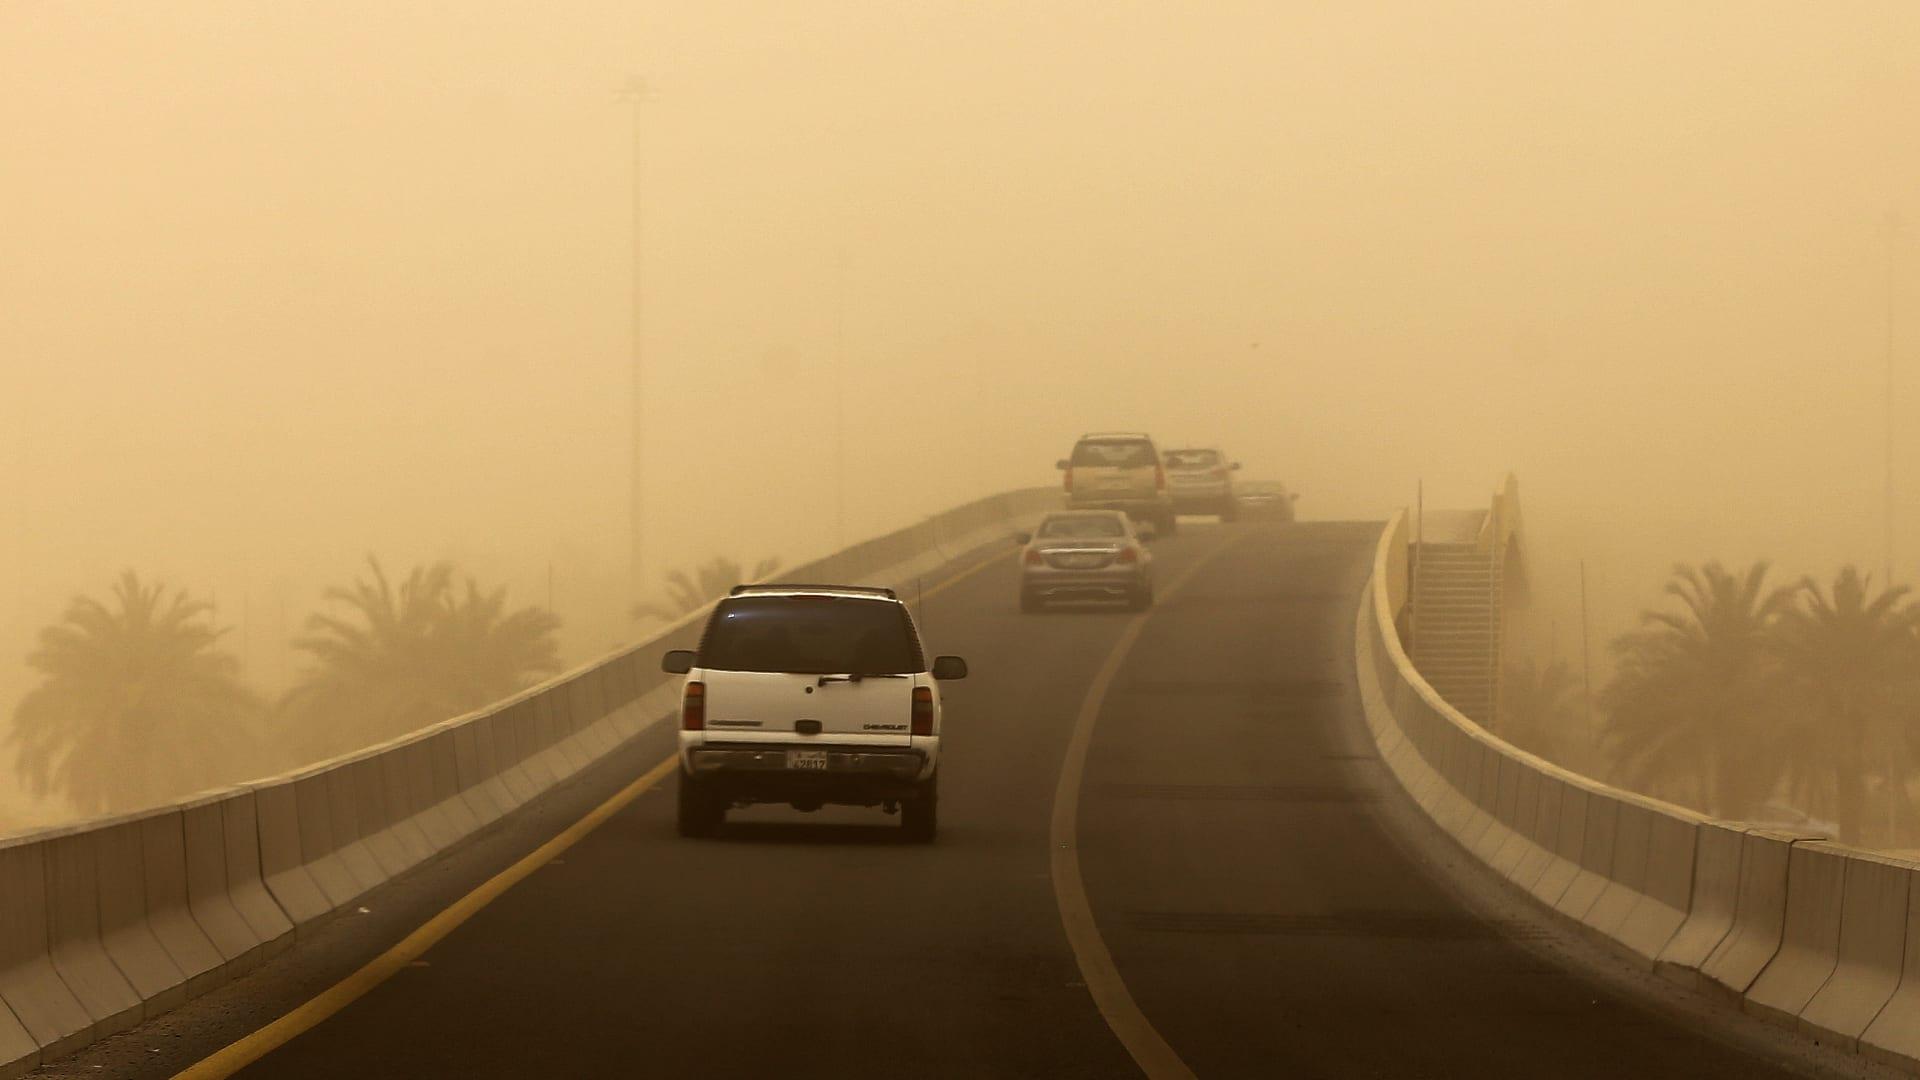 مرور المركبات خلال عاصفة رملية شديدة ضربت مدينة الكويت في 24 مايو / أيار 2017. / AFP PHOTO / ياسر الزيات